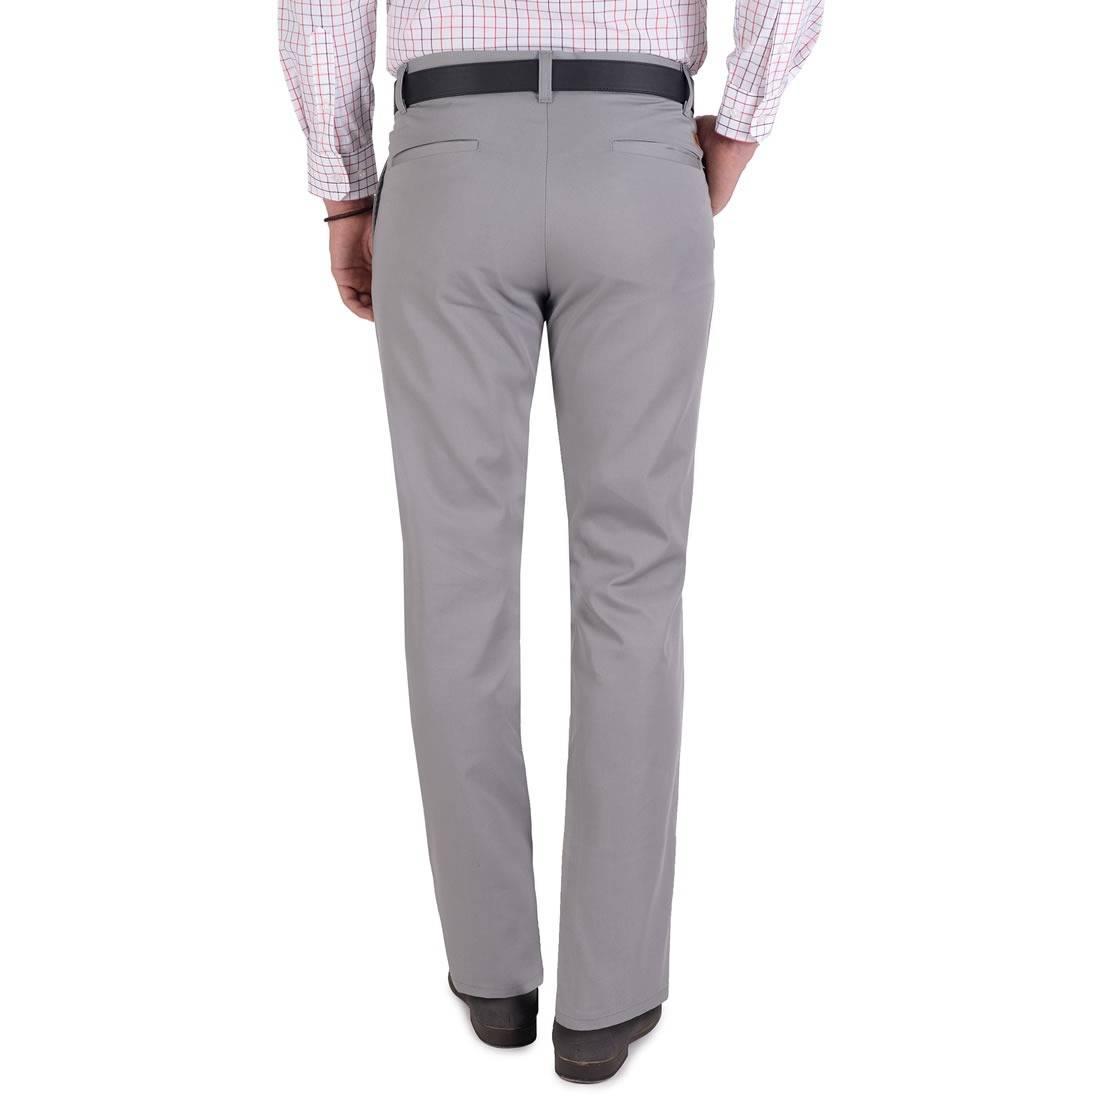 010920418903-02-Pantalon-Casual-Slim-Fit-Gris-yale